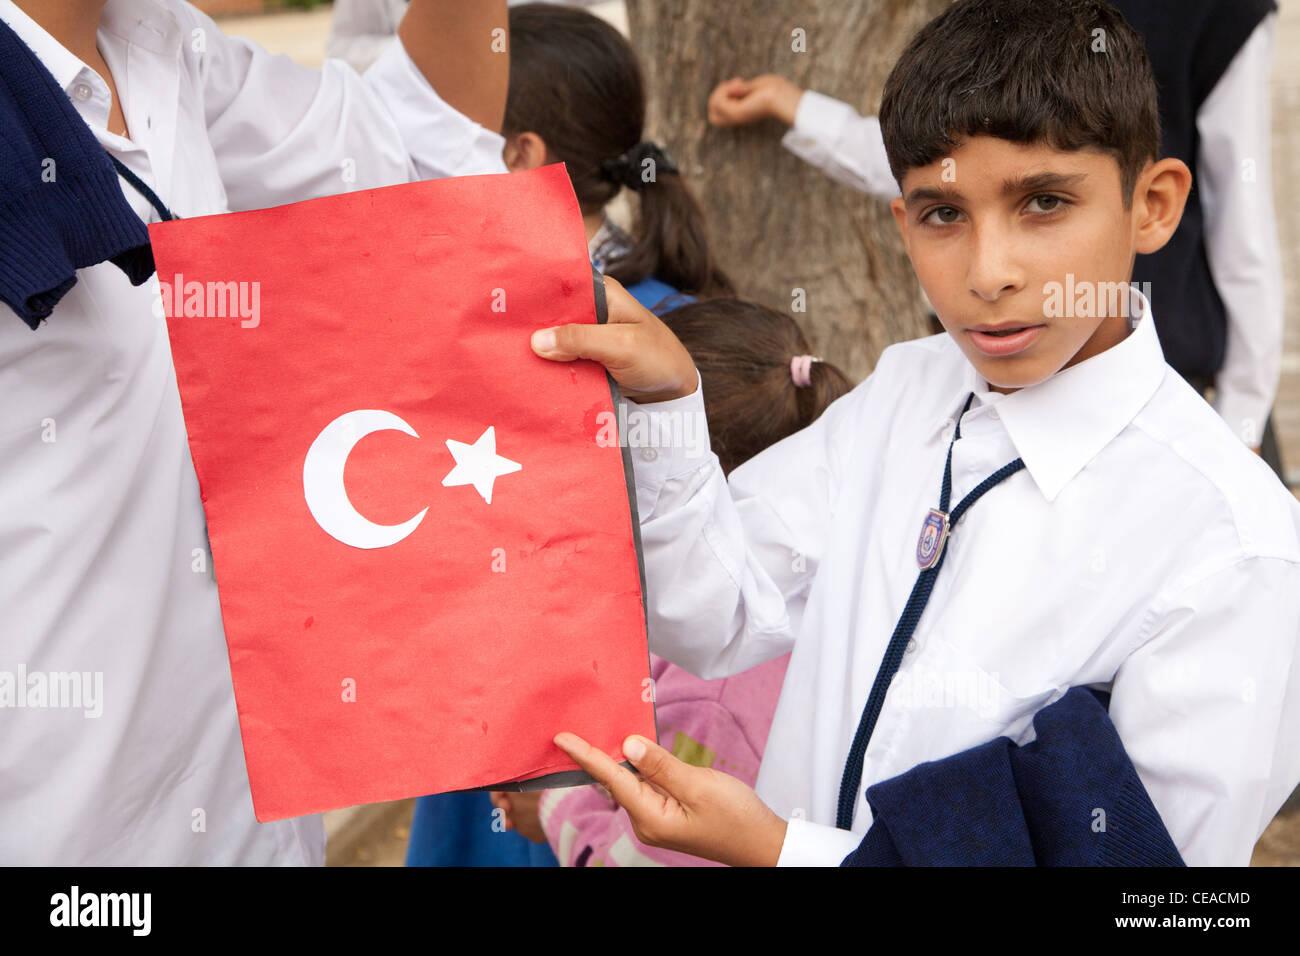 Happy Turkish schoolchildren celebrate Turkish Republic Day in Tekirova town, Turkey  on 29 October, 2010 - Stock Image